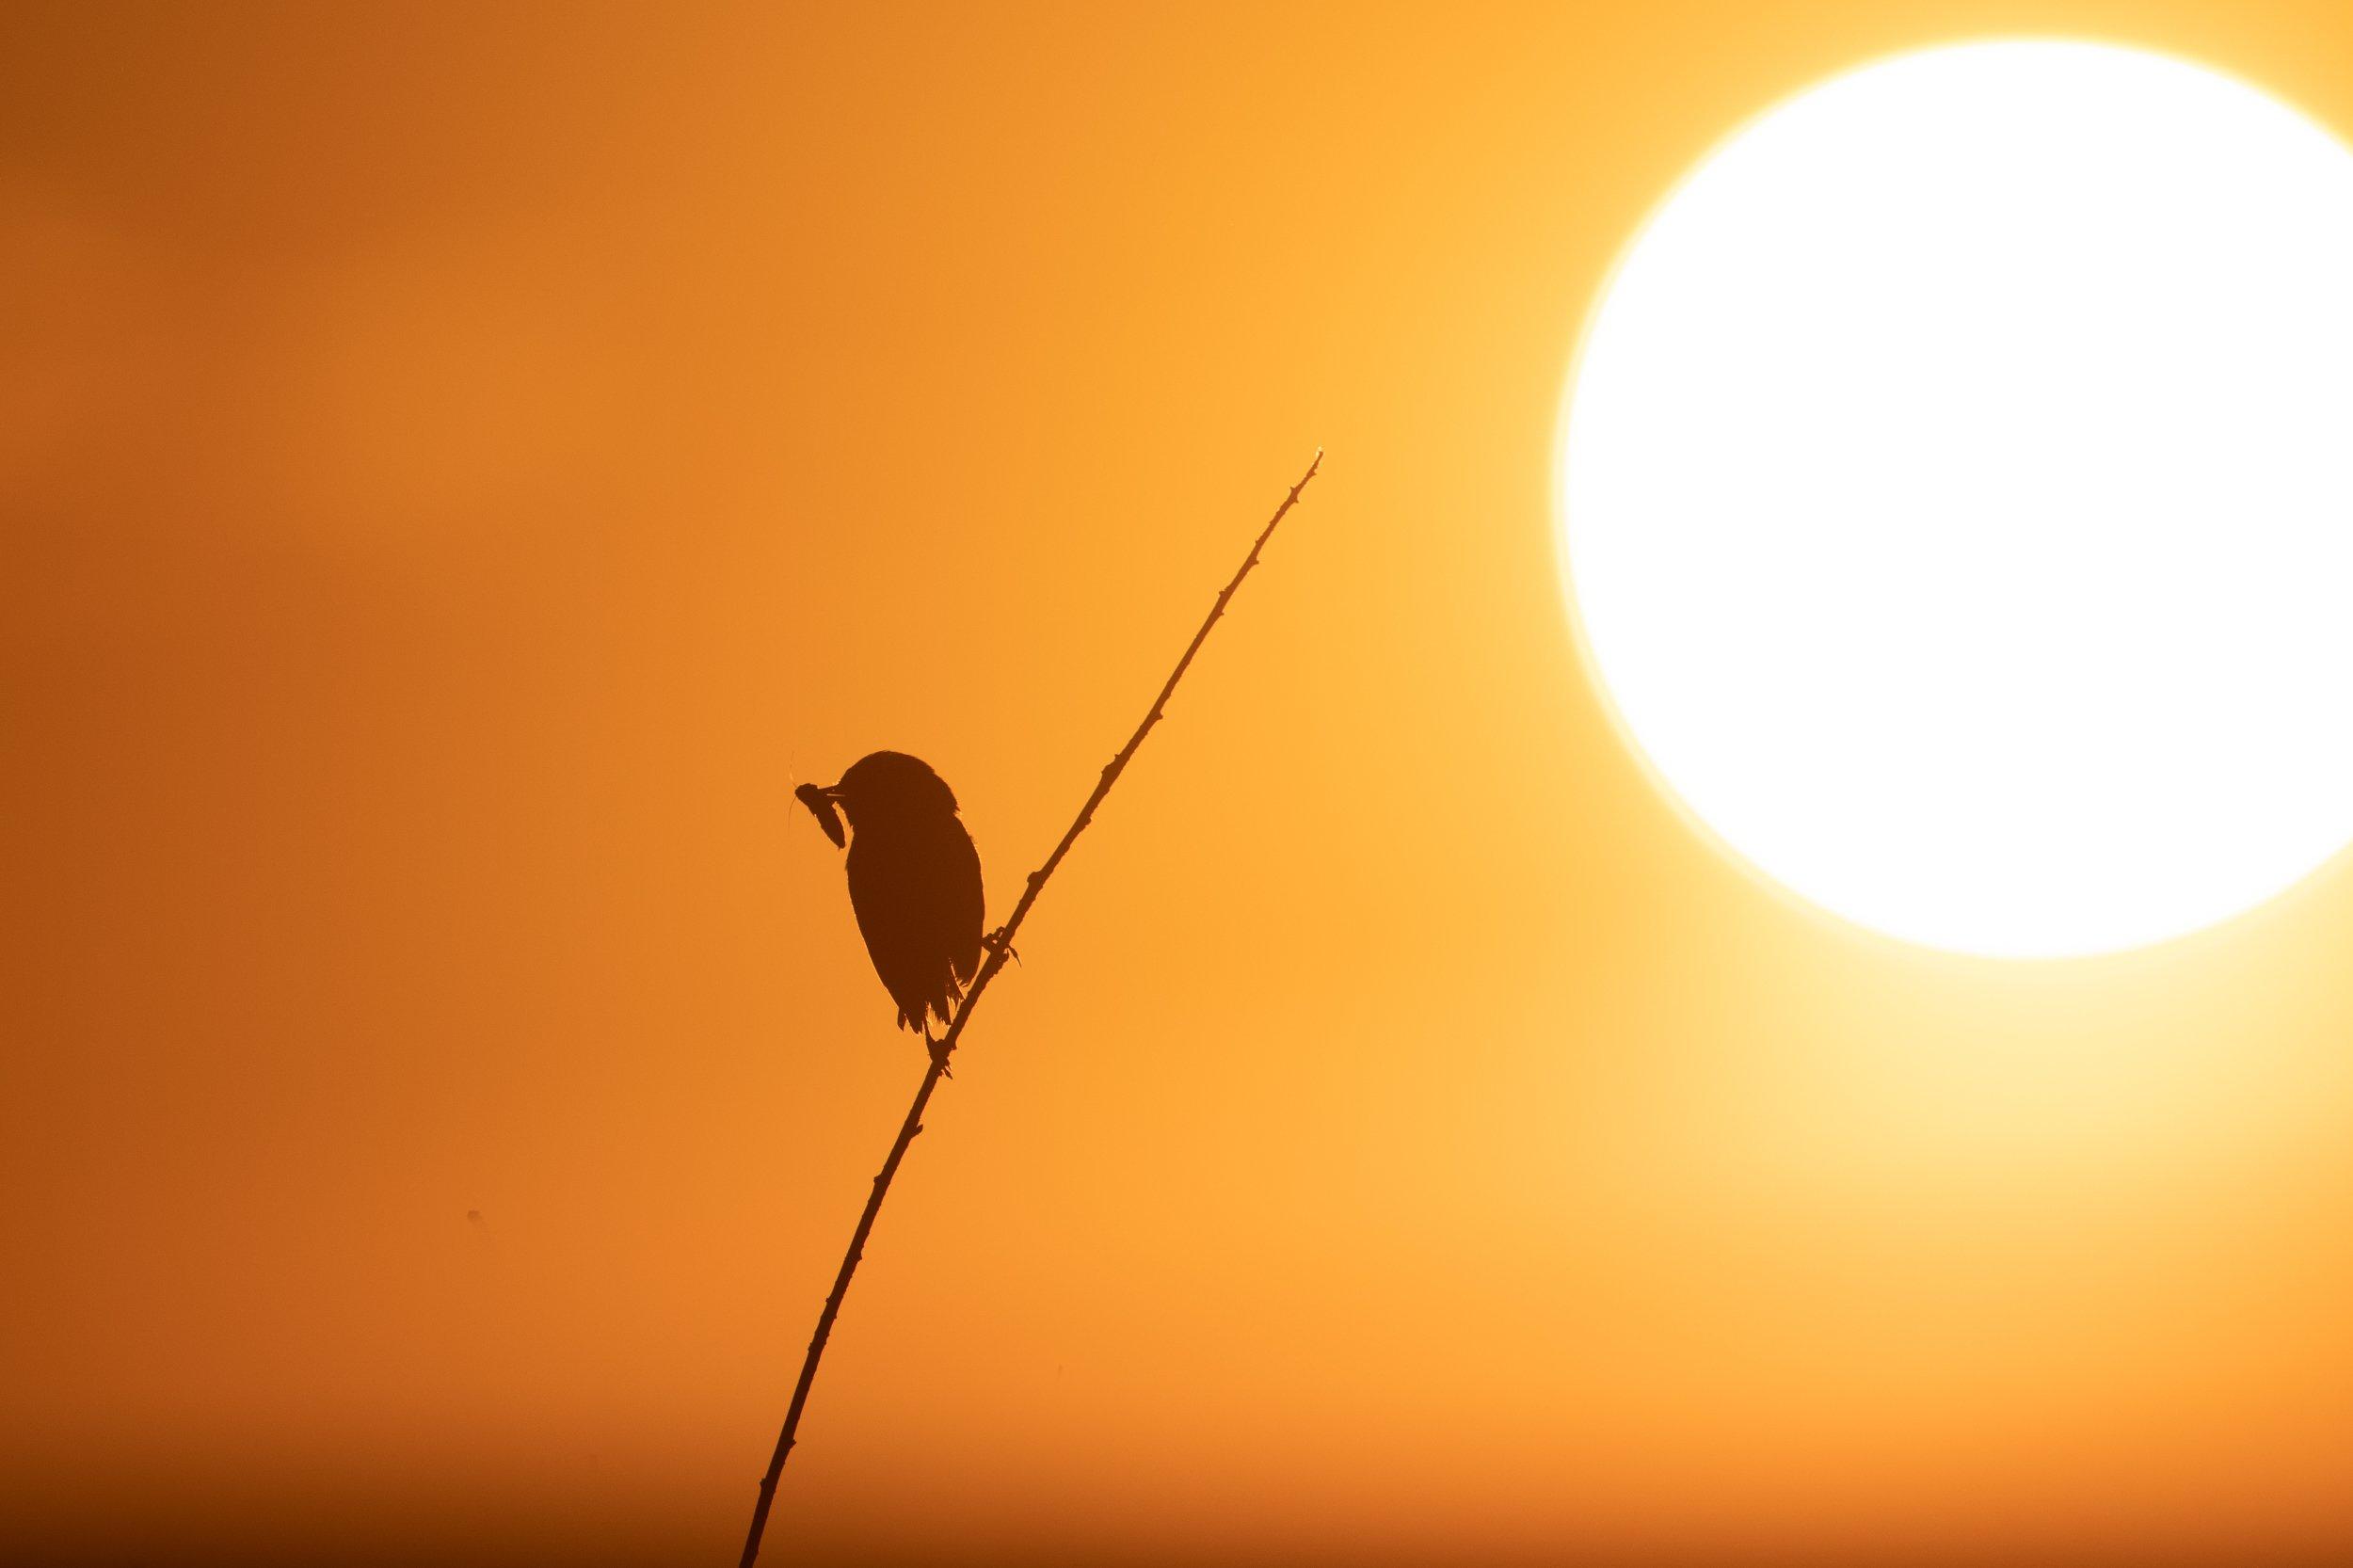 природа, животные, птица, Цветков Сергей